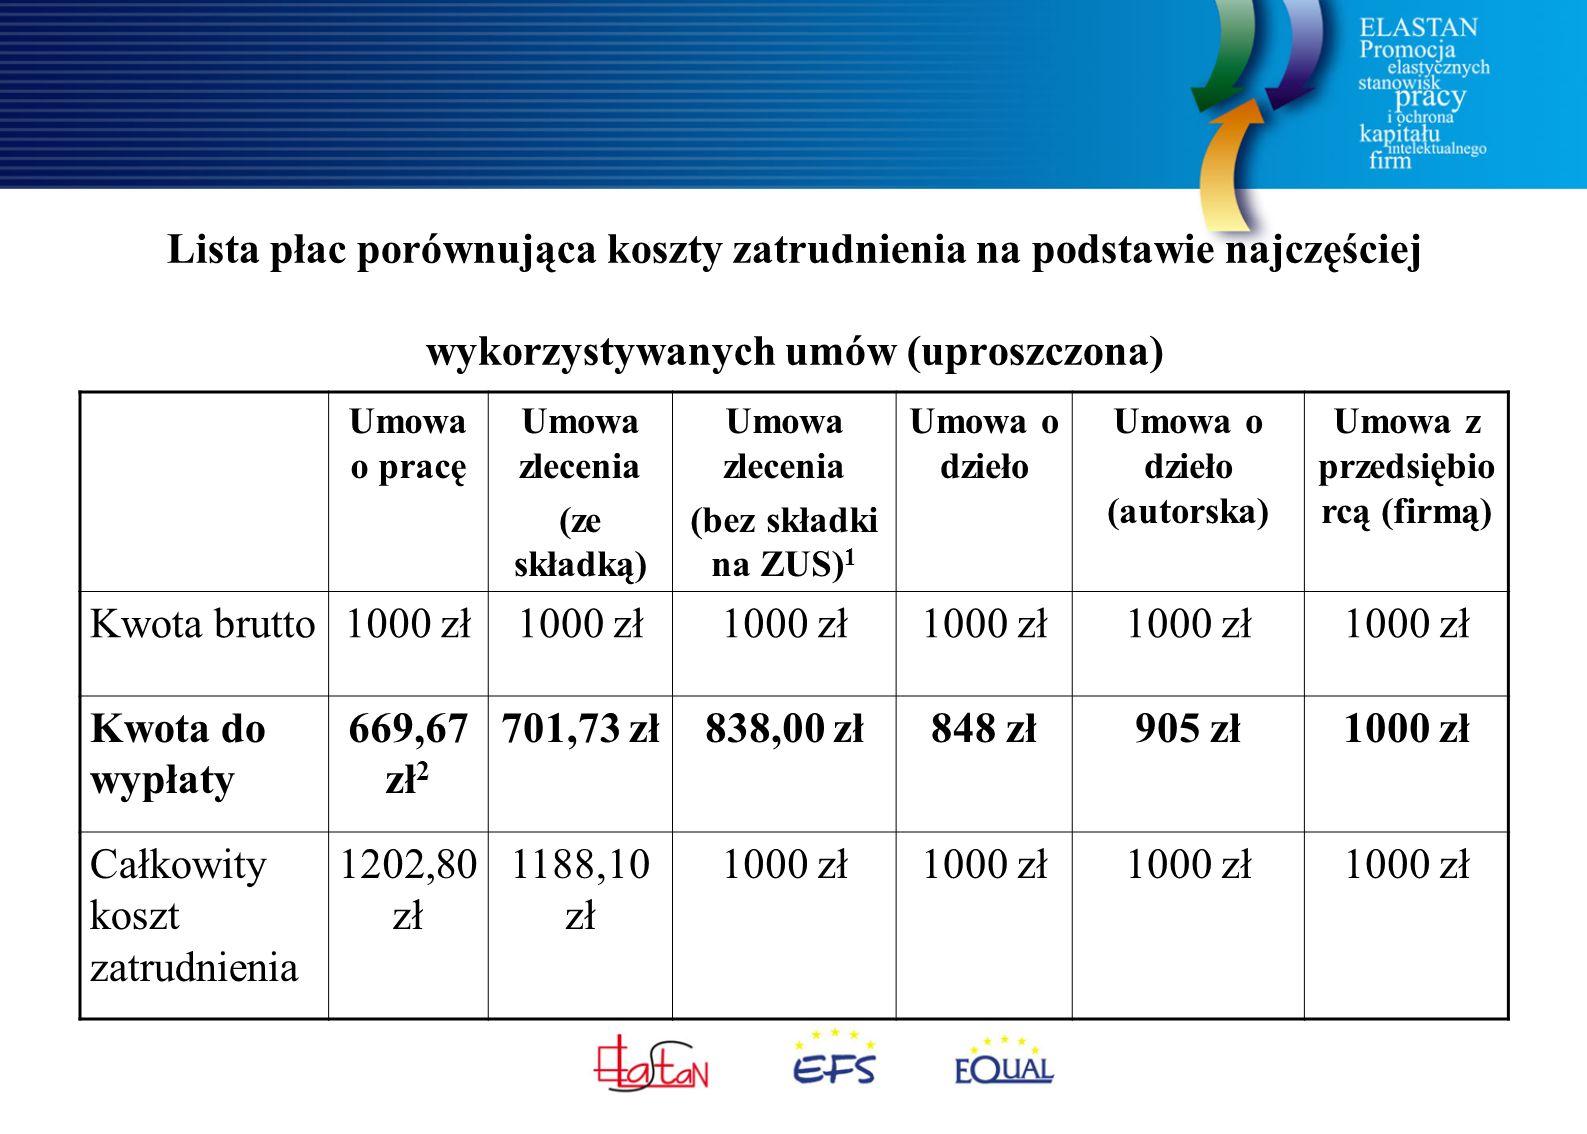 Lista płac porównująca koszty zatrudnienia na podstawie najczęściej wykorzystywanych umów (uproszczona) Umowa o pracę Umowa zlecenia (ze składką) Umowa zlecenia (bez składki na ZUS) 1 Umowa o dzieło Umowa o dzieło (autorska) Umowa z przedsiębio rcą (firmą) Kwota brutto1000 zł Kwota do wypłaty 669,67 zł 2 701,73 zł838,00 zł848 zł905 zł1000 zł Całkowity koszt zatrudnienia 1202,80 zł 1188,10 zł 1000 zł